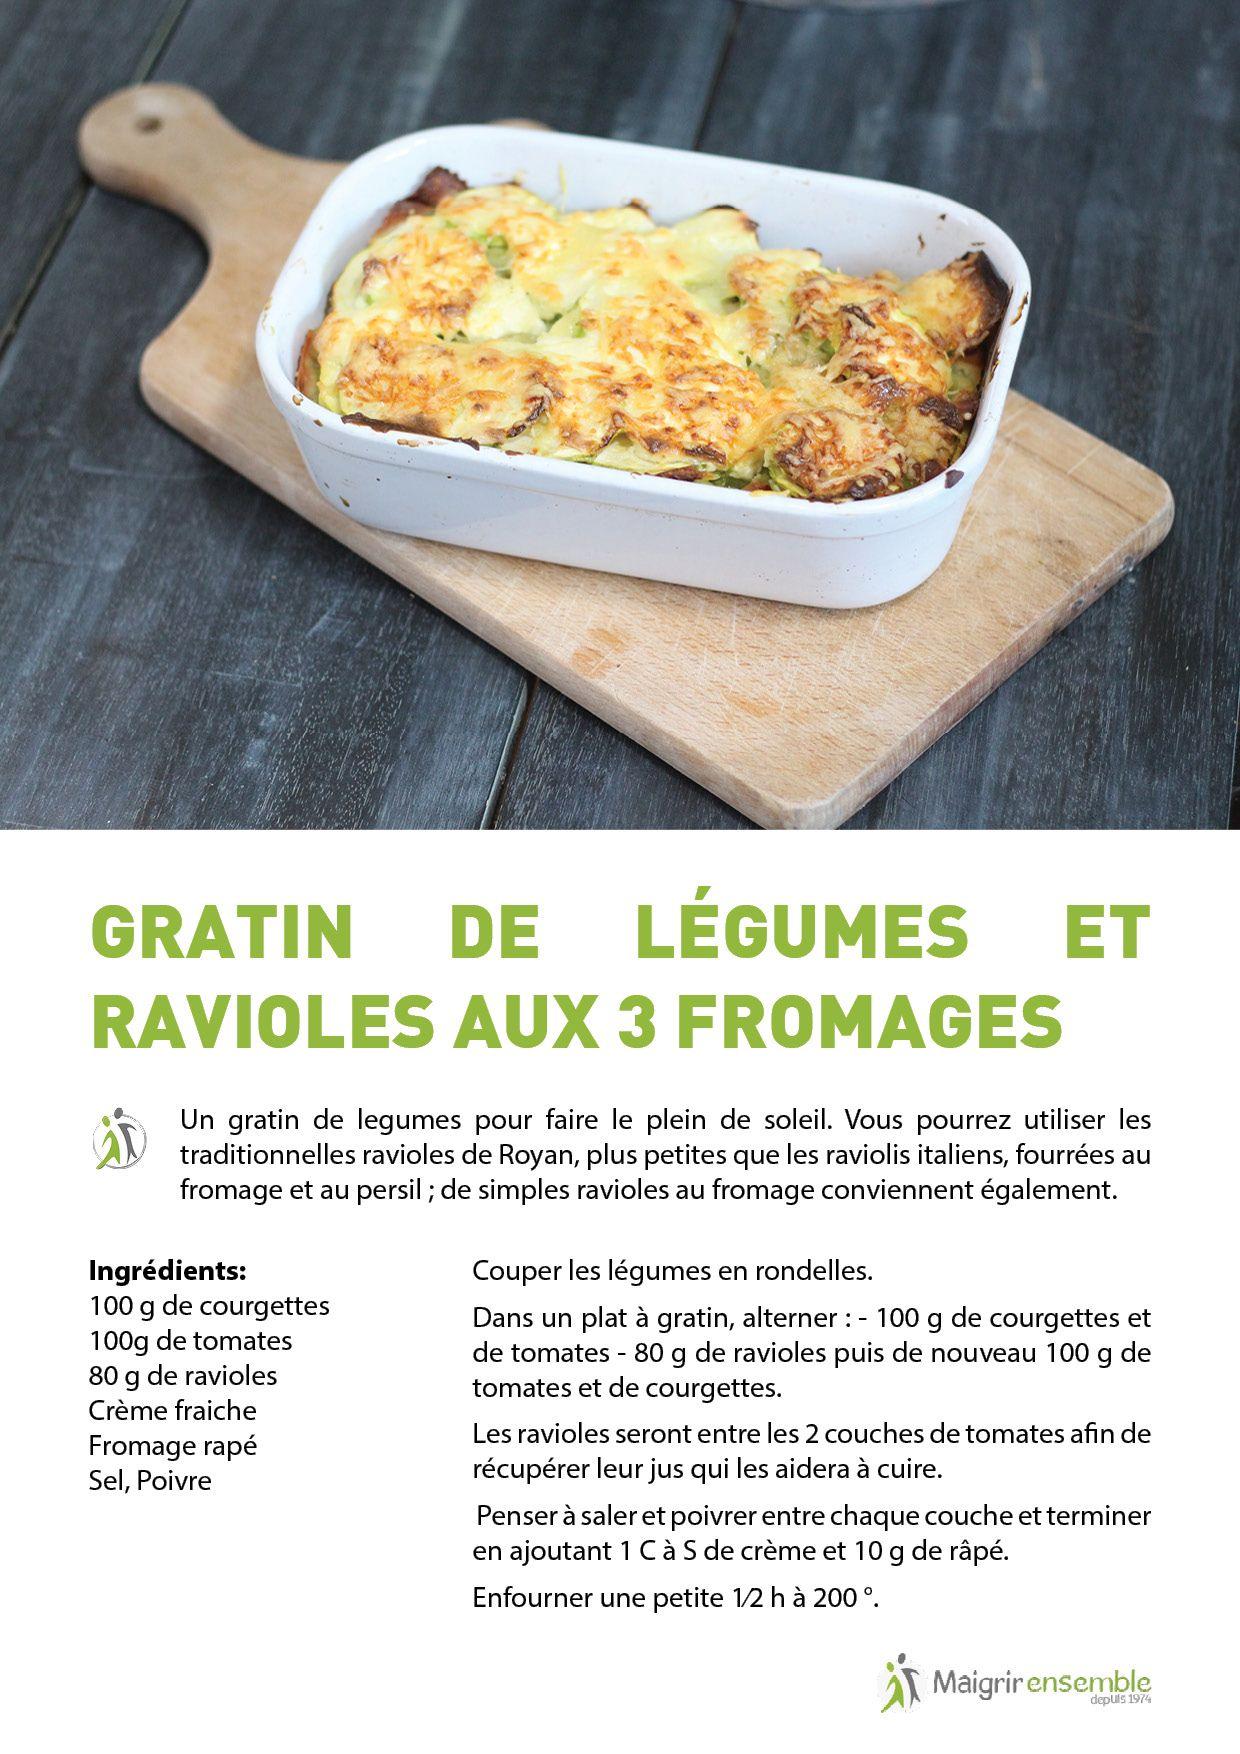 manger sain : gratin de légumes et ravioles 3 fromages - recette